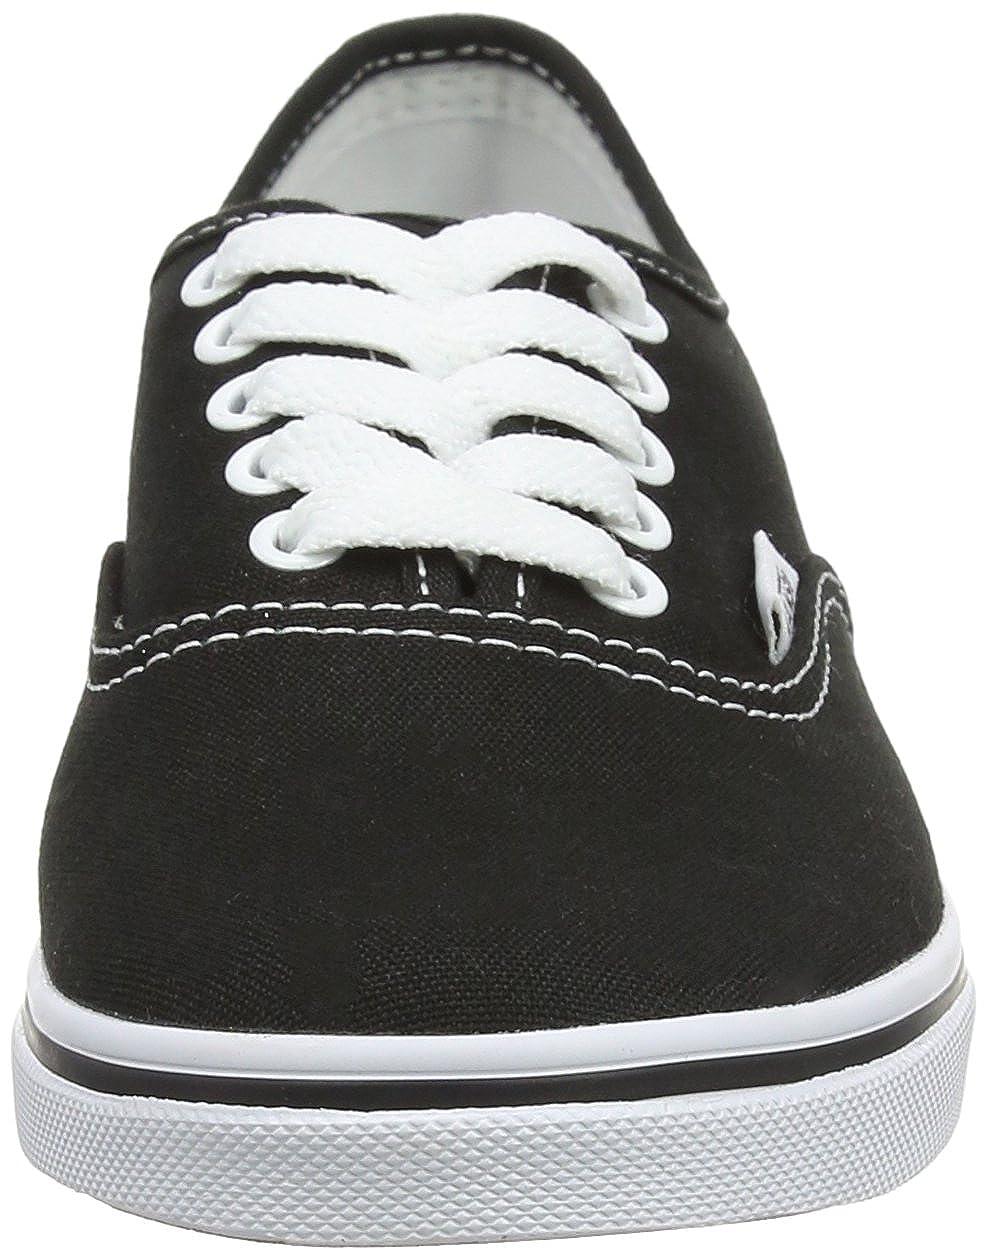 2294a8f40e4ca2 Vans Men Authentic Lo Pro - Mesh  Vans  Amazon.ca  Shoes   Handbags